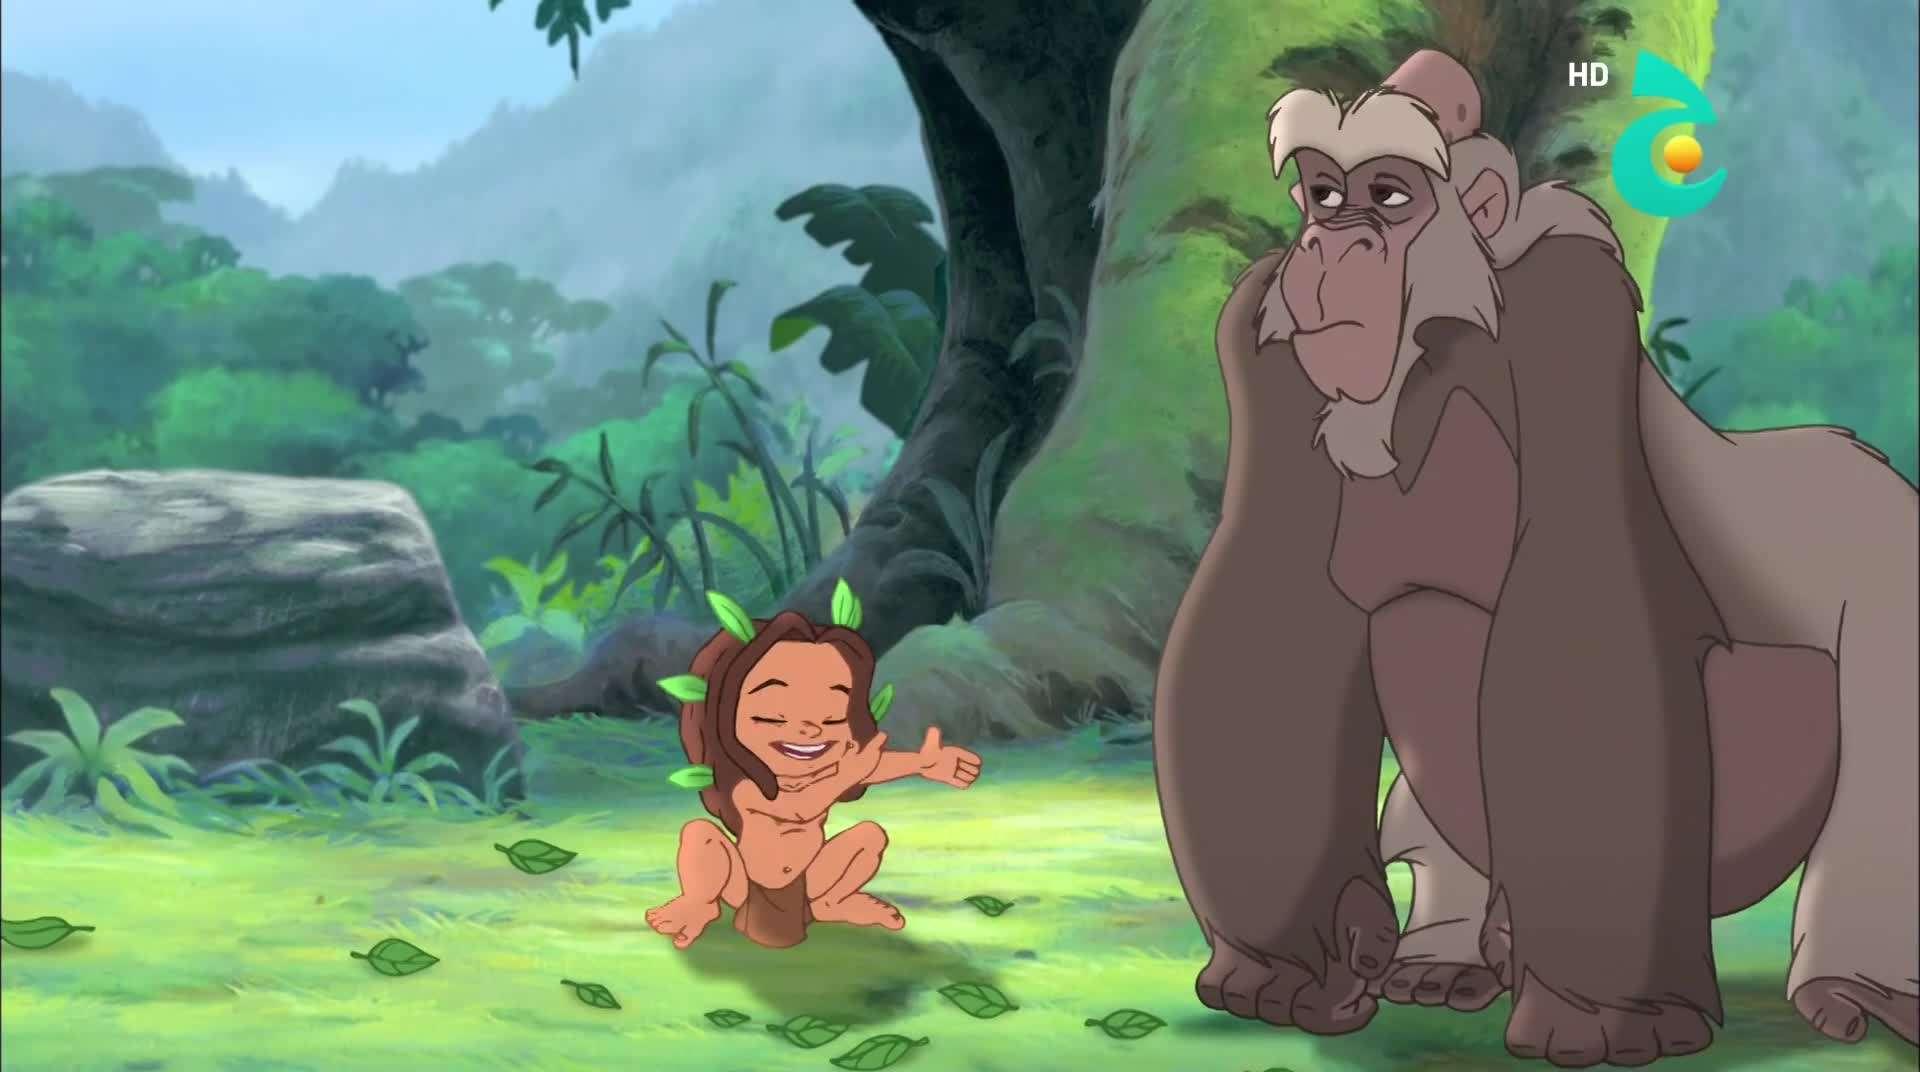 طرزان الجزء الثاني Tarzan II (2005) HDTV 1080p تحميل تورنت 8 arabp2p.com